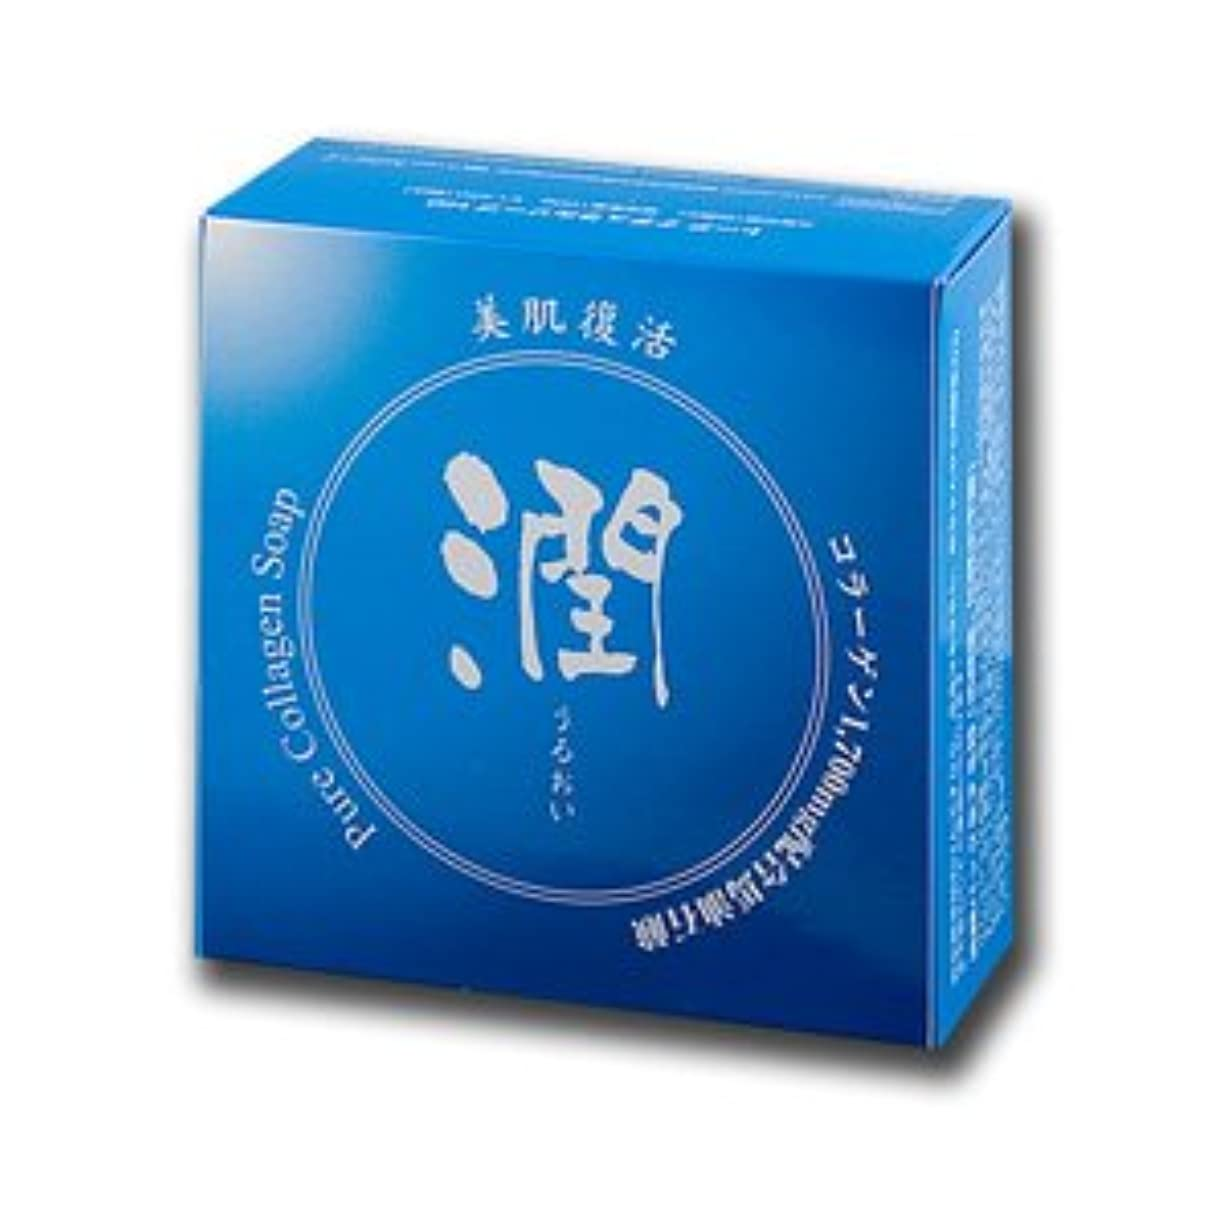 路地継承是正するコラーゲン馬油石鹸 潤 100g (#800410) ×3個セット